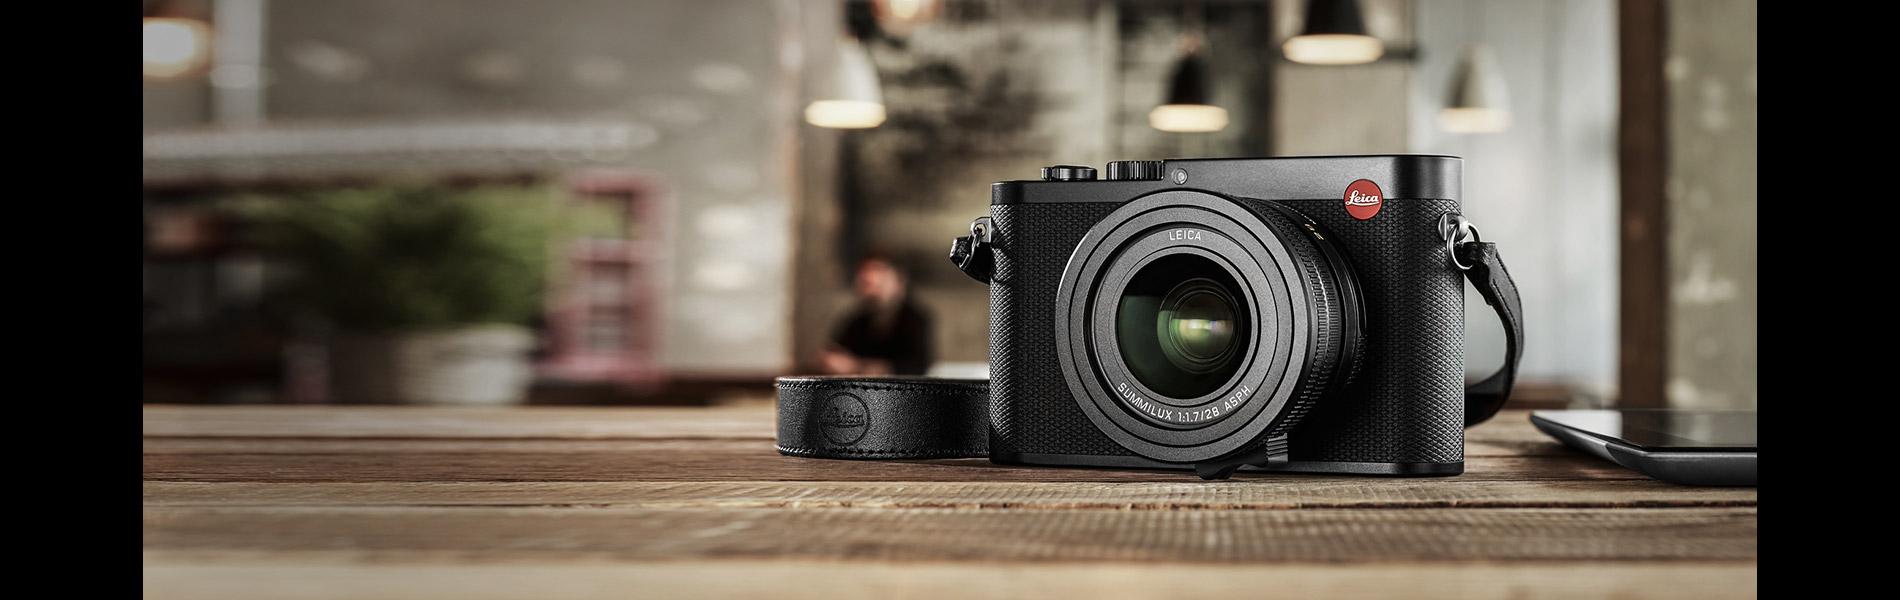 Leica Q Anodized